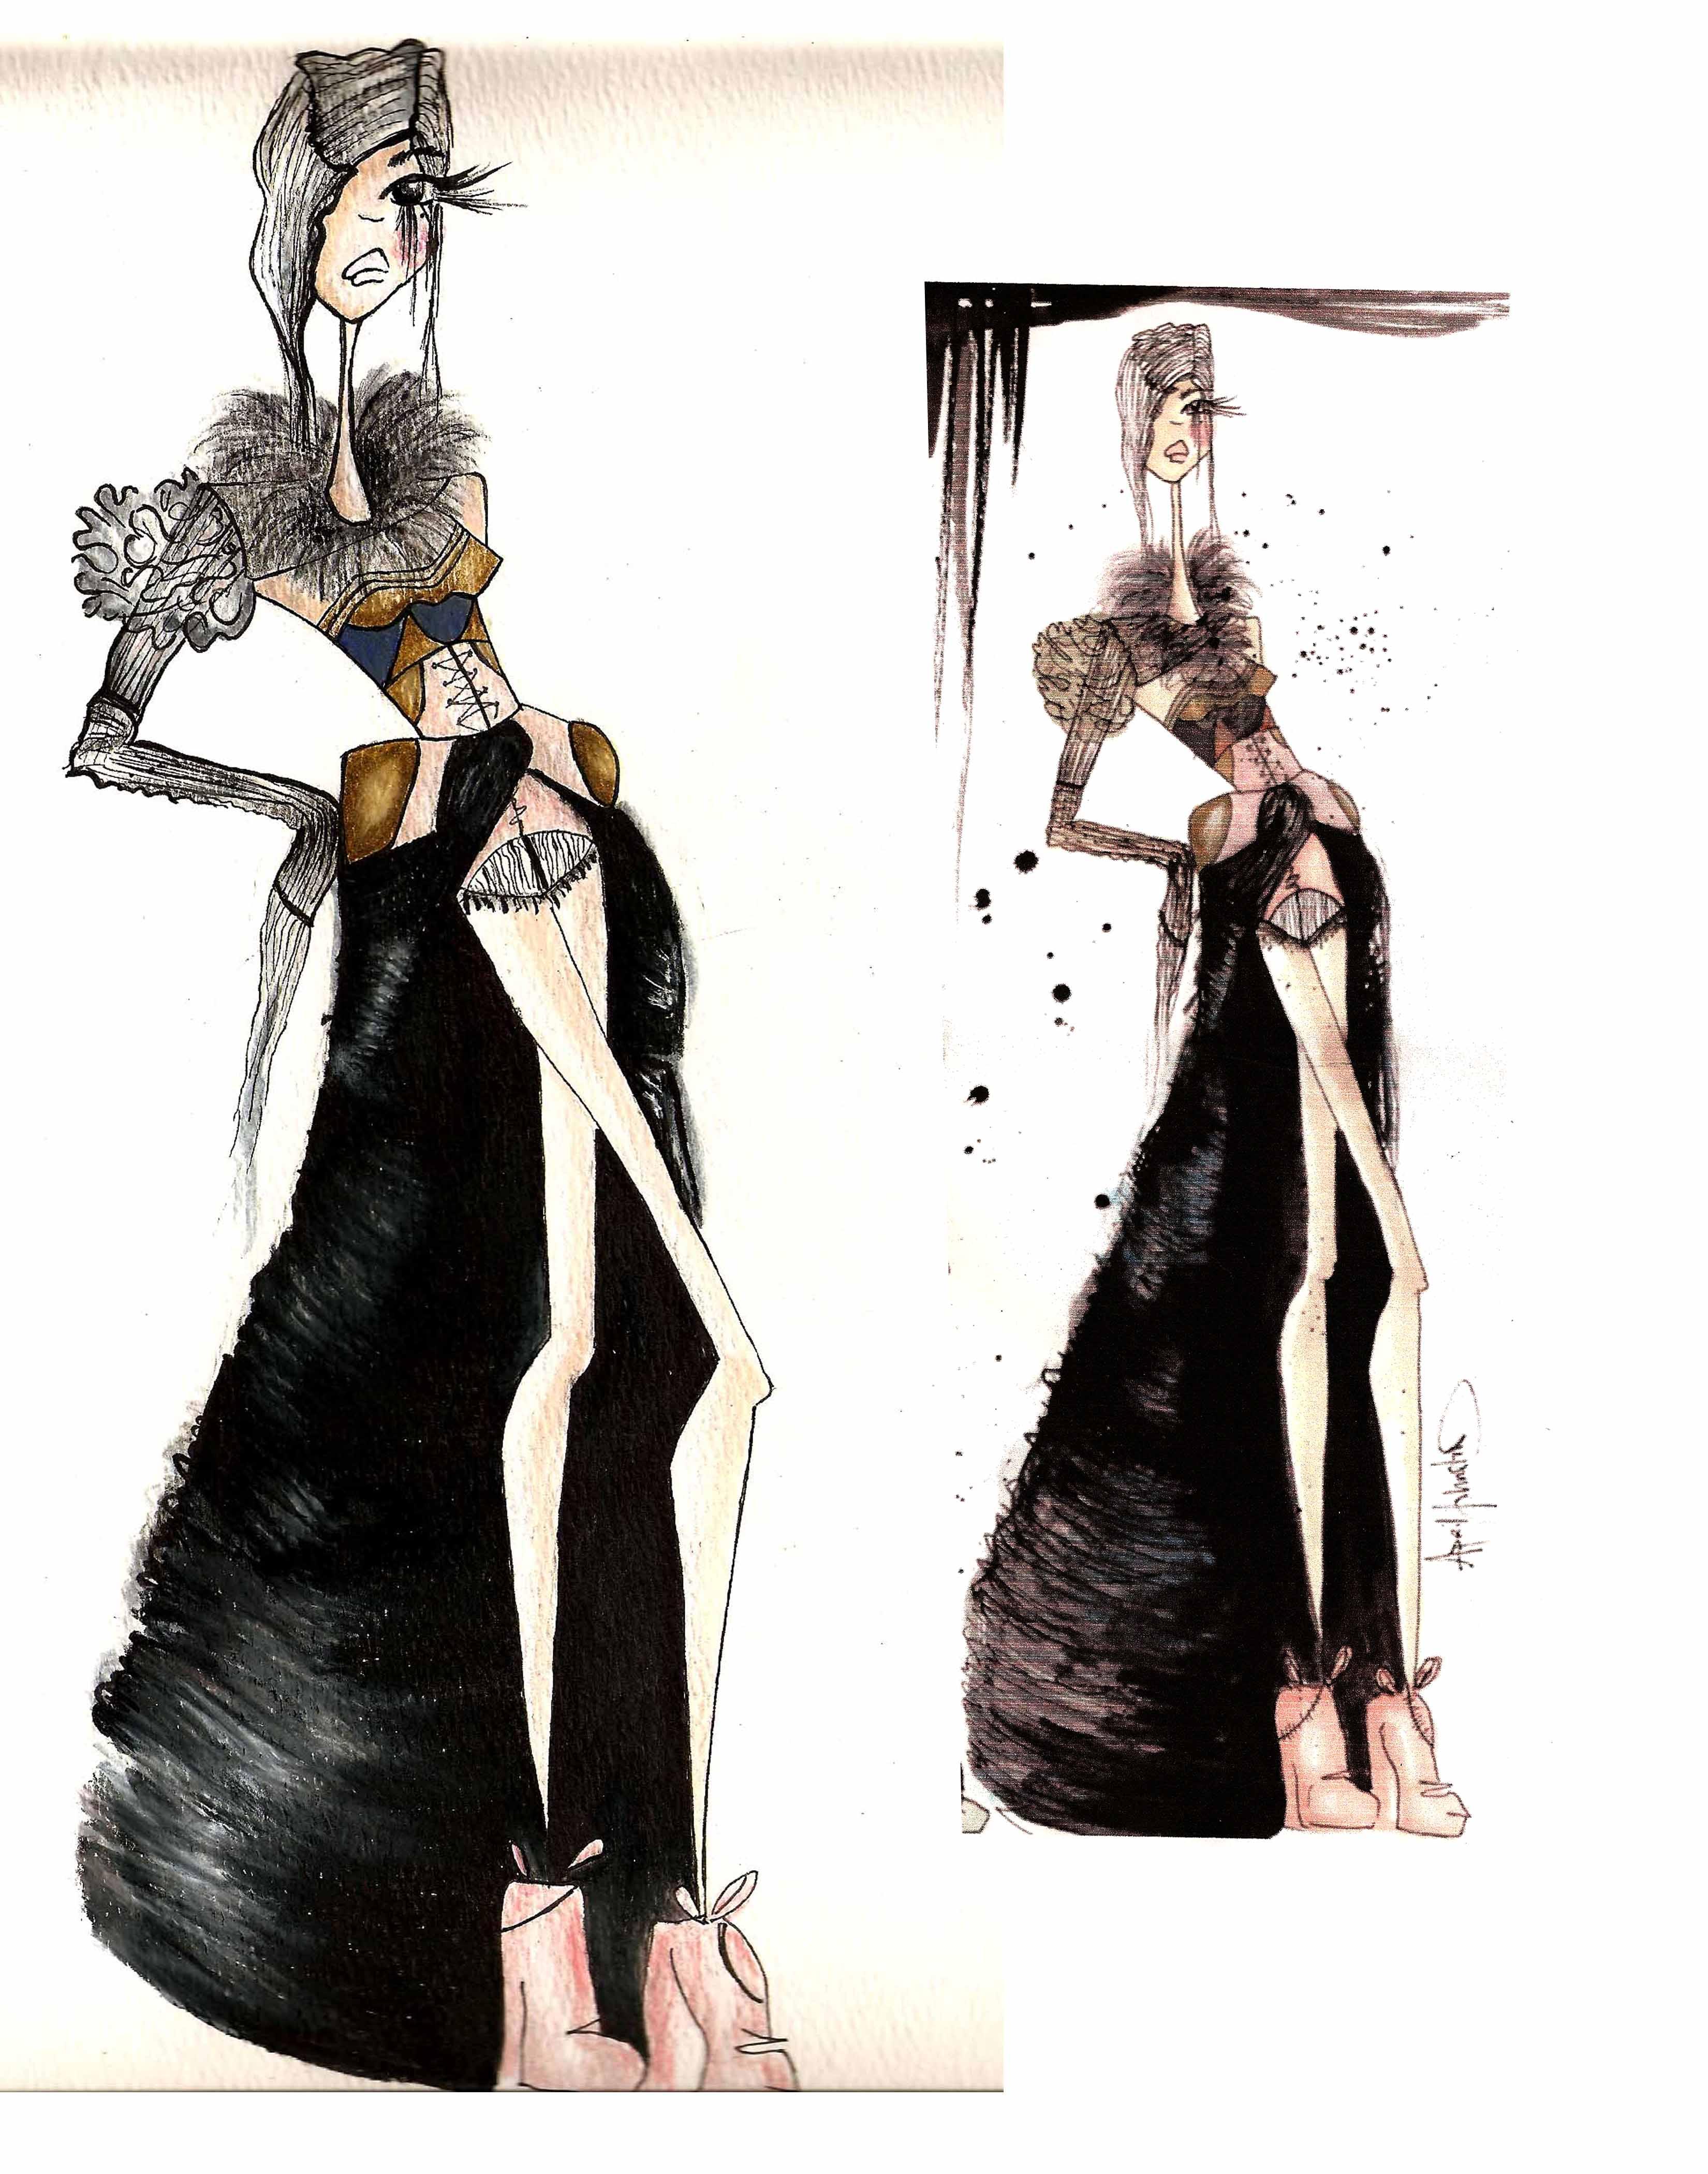 Design Portfolio by Dina Pham at Coroflot.com